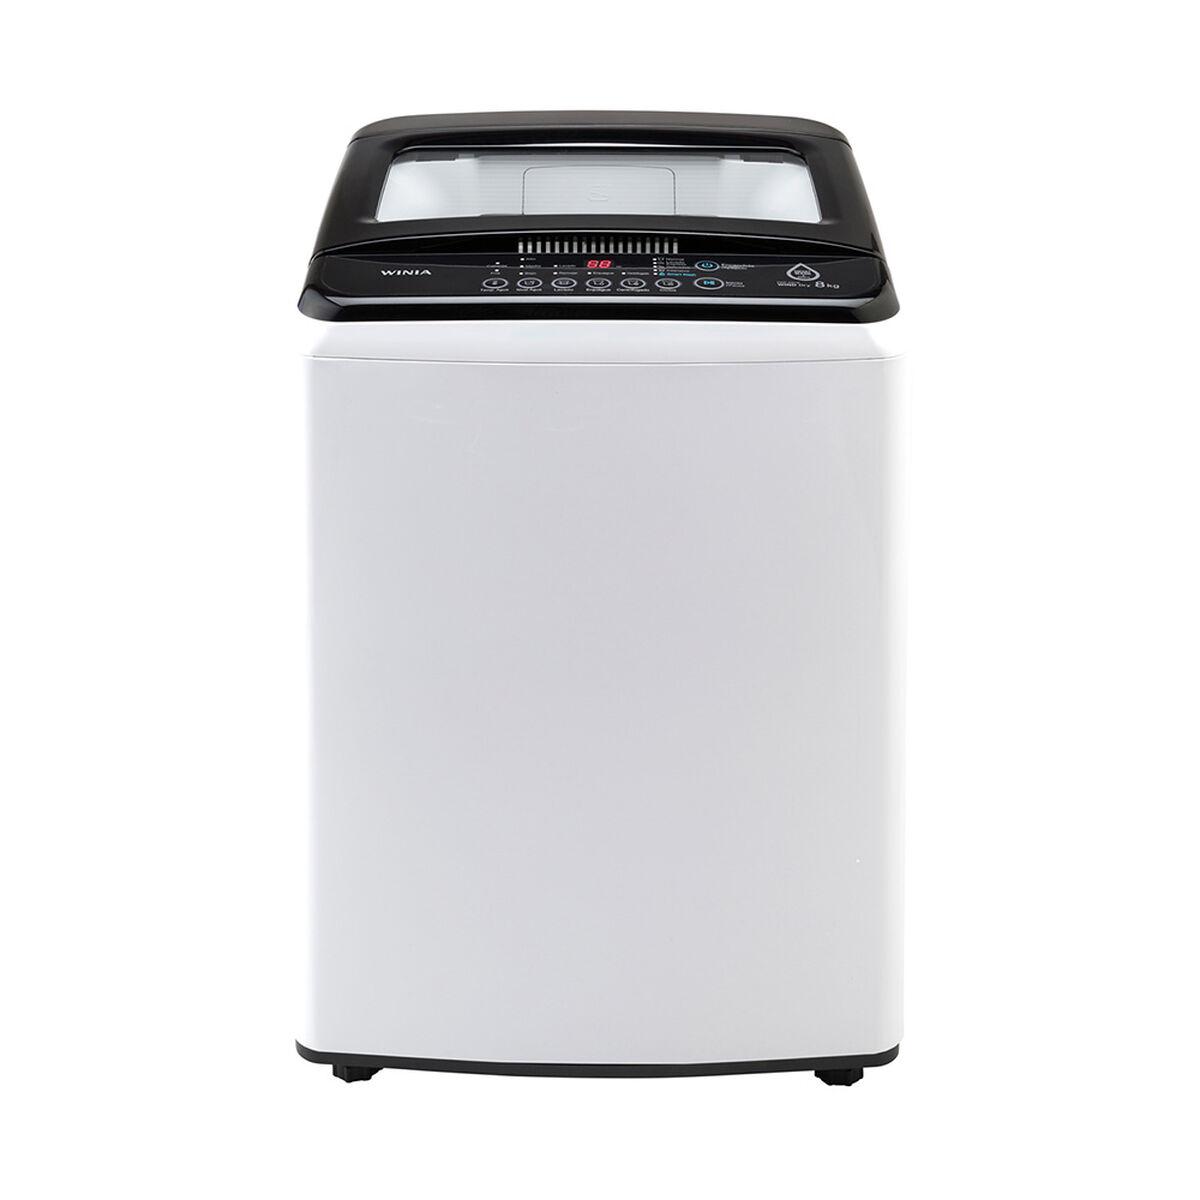 Lavadora Automática Winia DWF-E81W 8 kg.